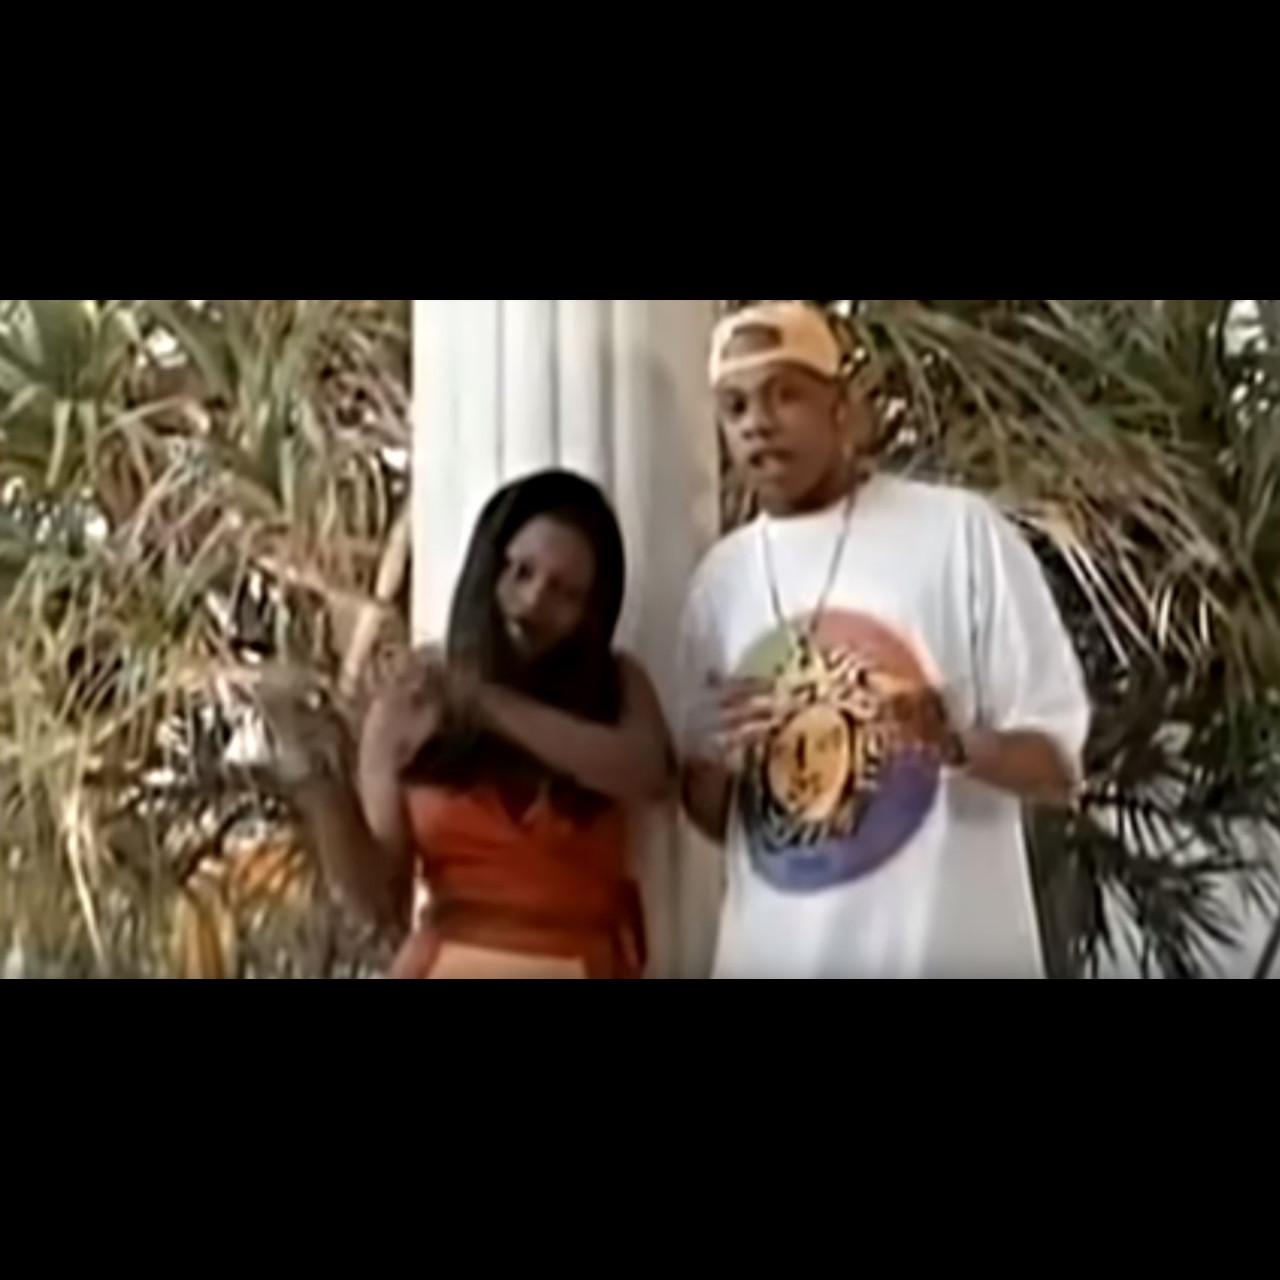 Jay-Z - Ain't No Nigga (ft. Foxy Brown) (Thumbnail)